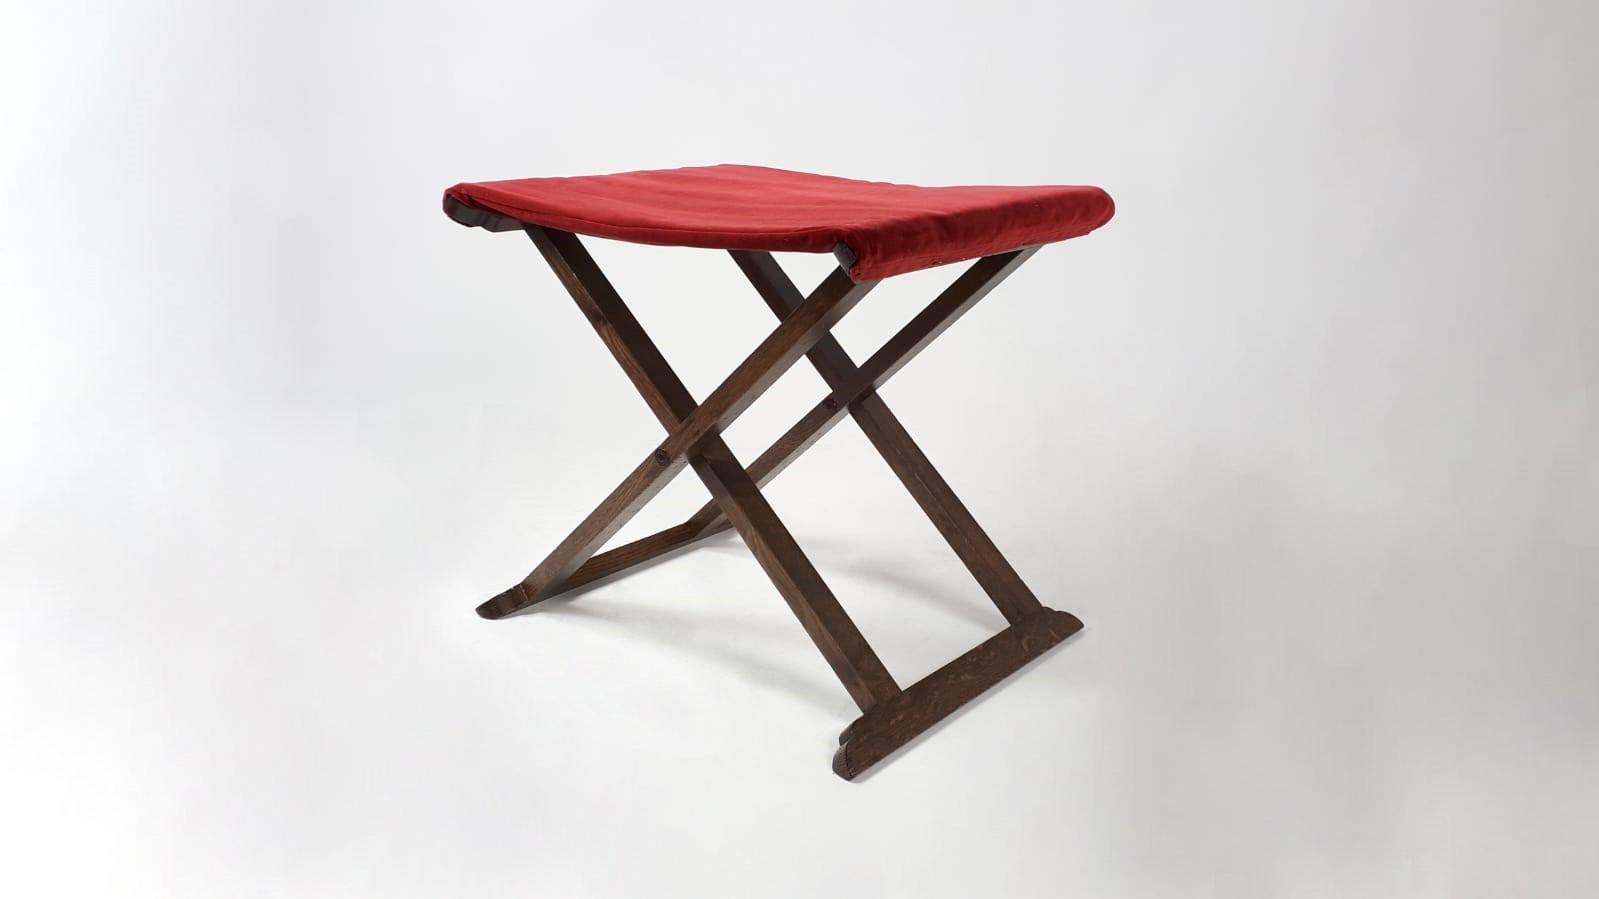 Mécénat de compétences sièges et fauteuils chateau de chambord Henryot & cie ployant invitation